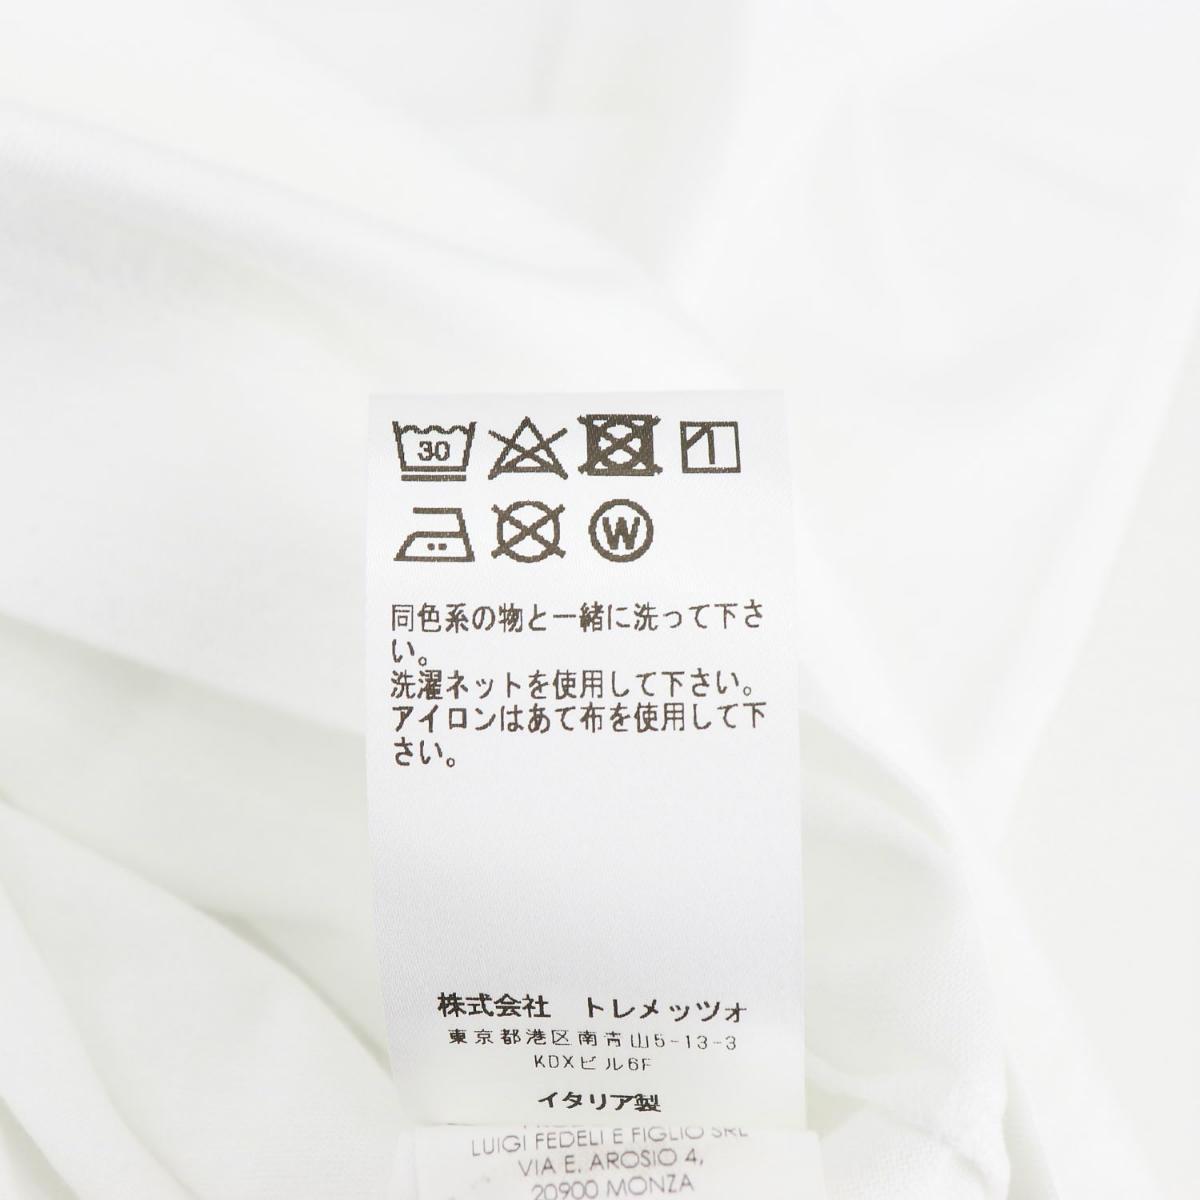 フェデーリ FEDELI メンズ GIZA オーガニックコットン クルーネックTシャツ EXTREME MM. FDL 41(ホワイト) 春夏新作